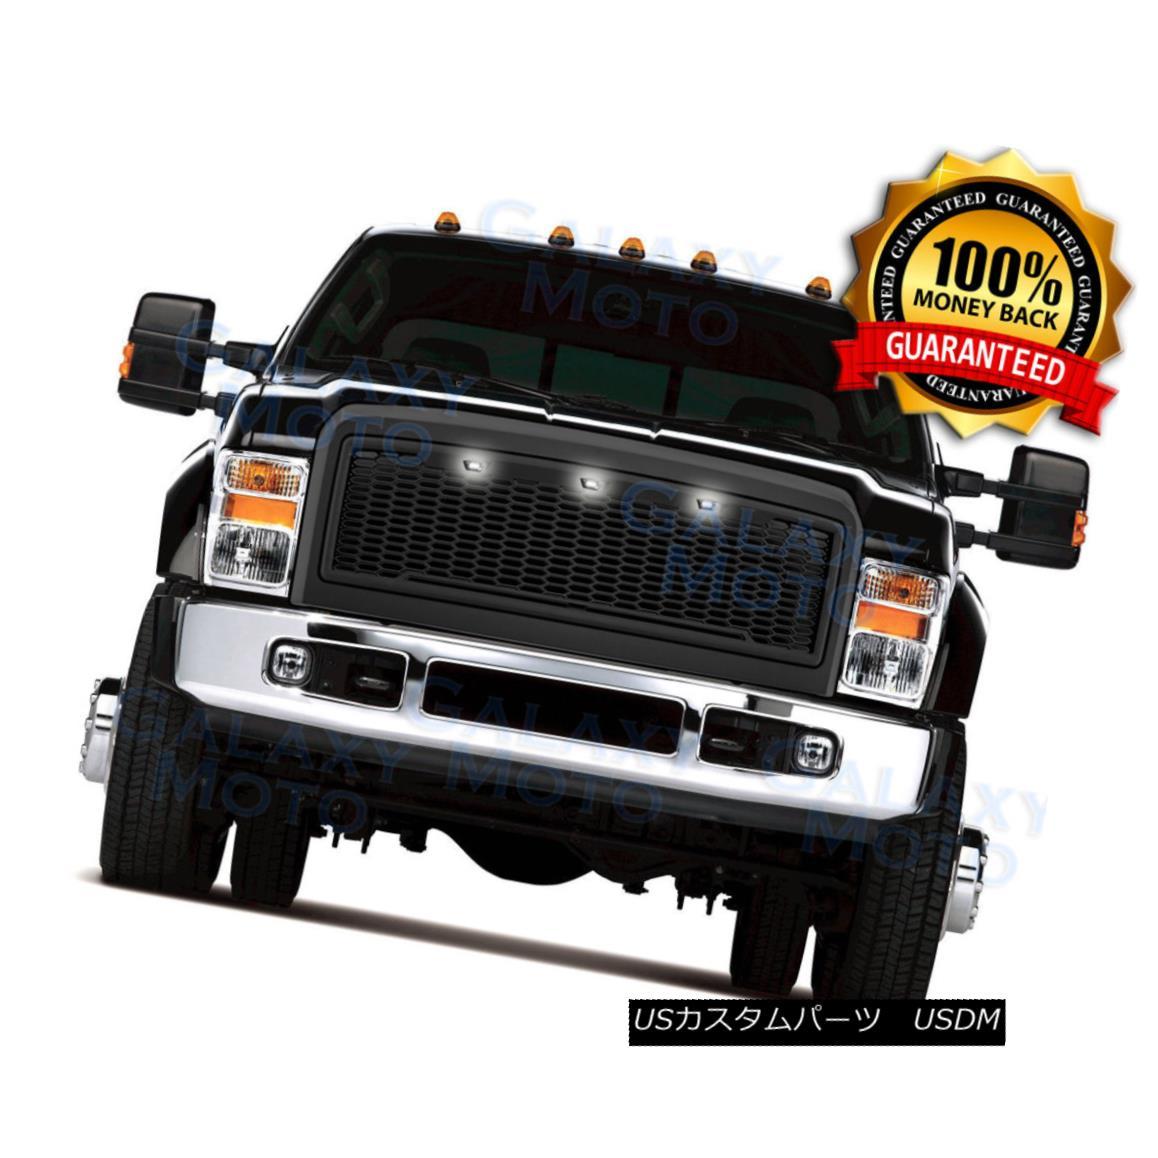 グリル 08-10 Ford Super Duty Raptor Matte Black Package Mesh Grille+Shell+White 3x LED 08-10フォードスーパーデューティラプターマットブラックパッケージメッシュグリル+シェル+ W hite 3x LED